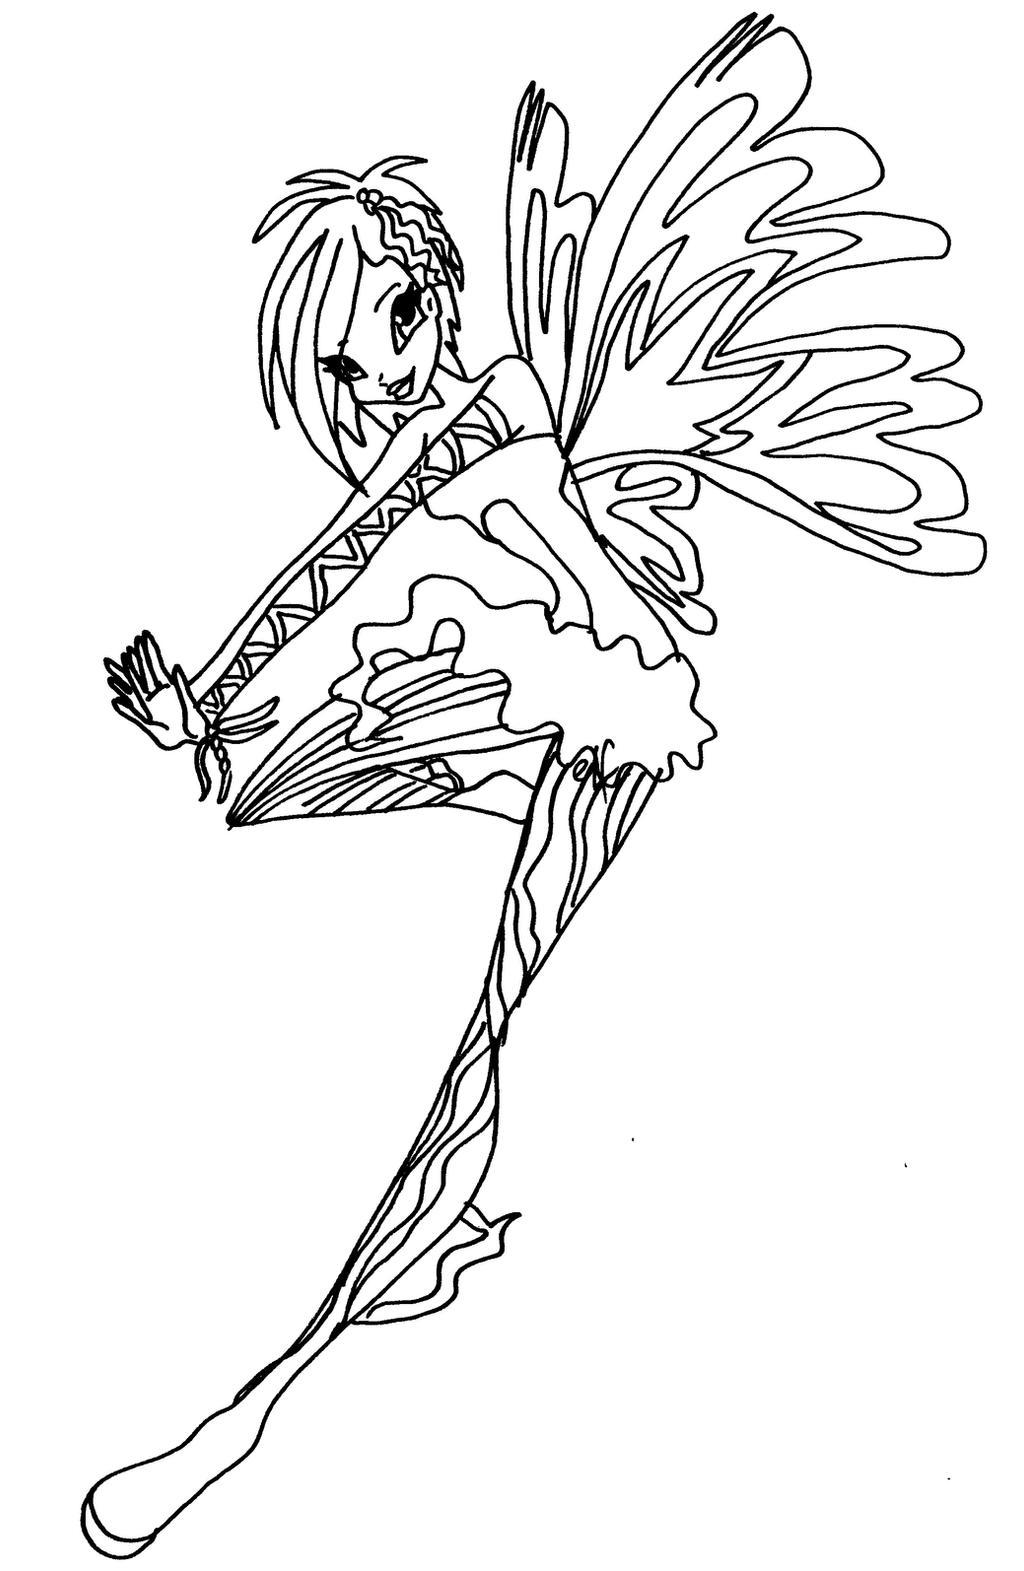 Sirenix tecna by elfkena on deviantart for Disegni winx sirenix da colorare